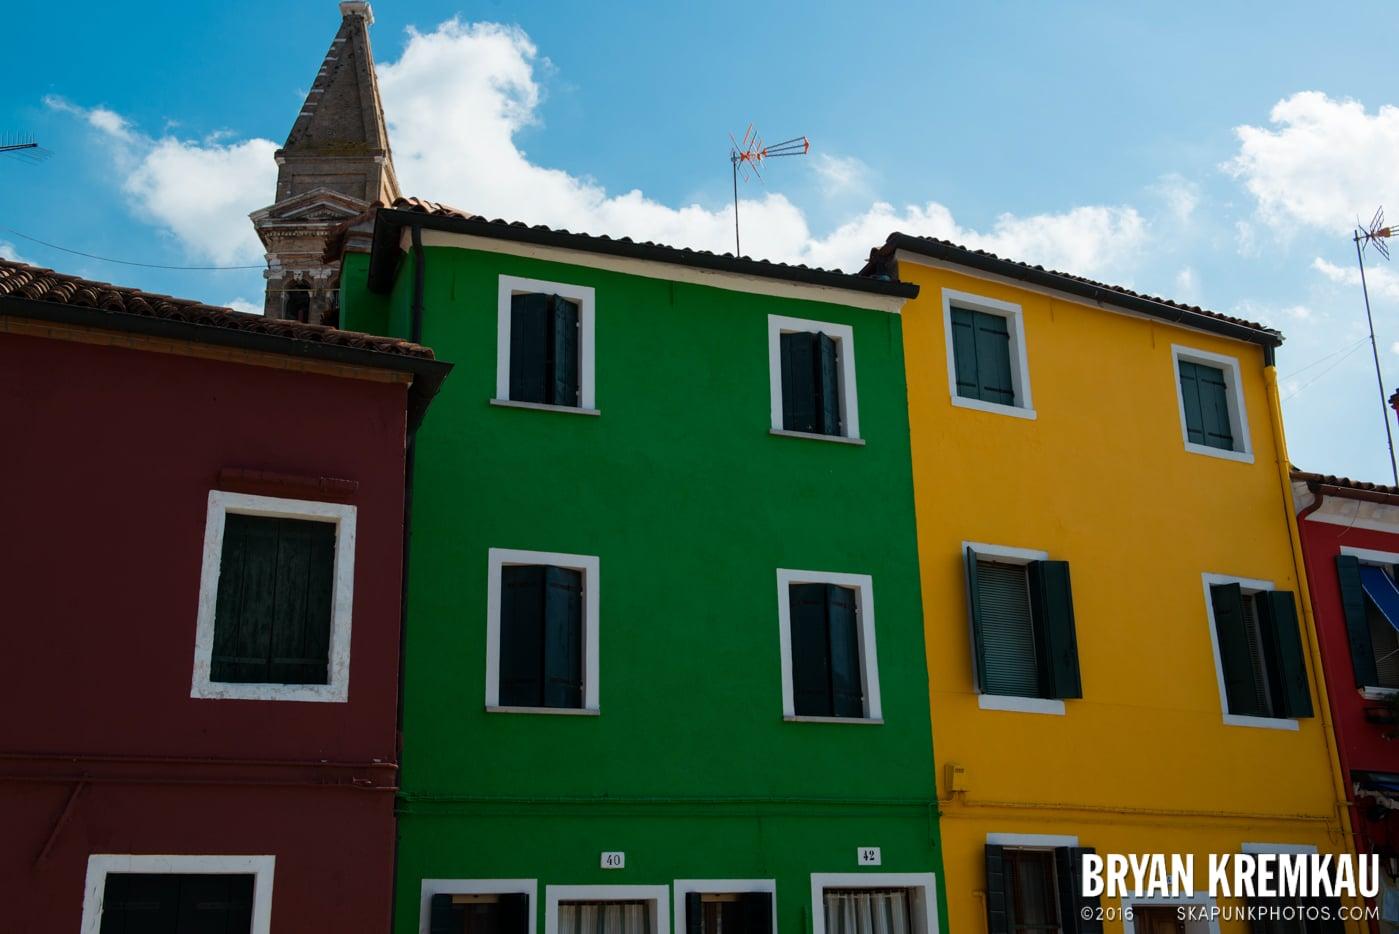 Italy Vacation - Day 6: Murano, Burano, Venice - 9.14.13 (38)